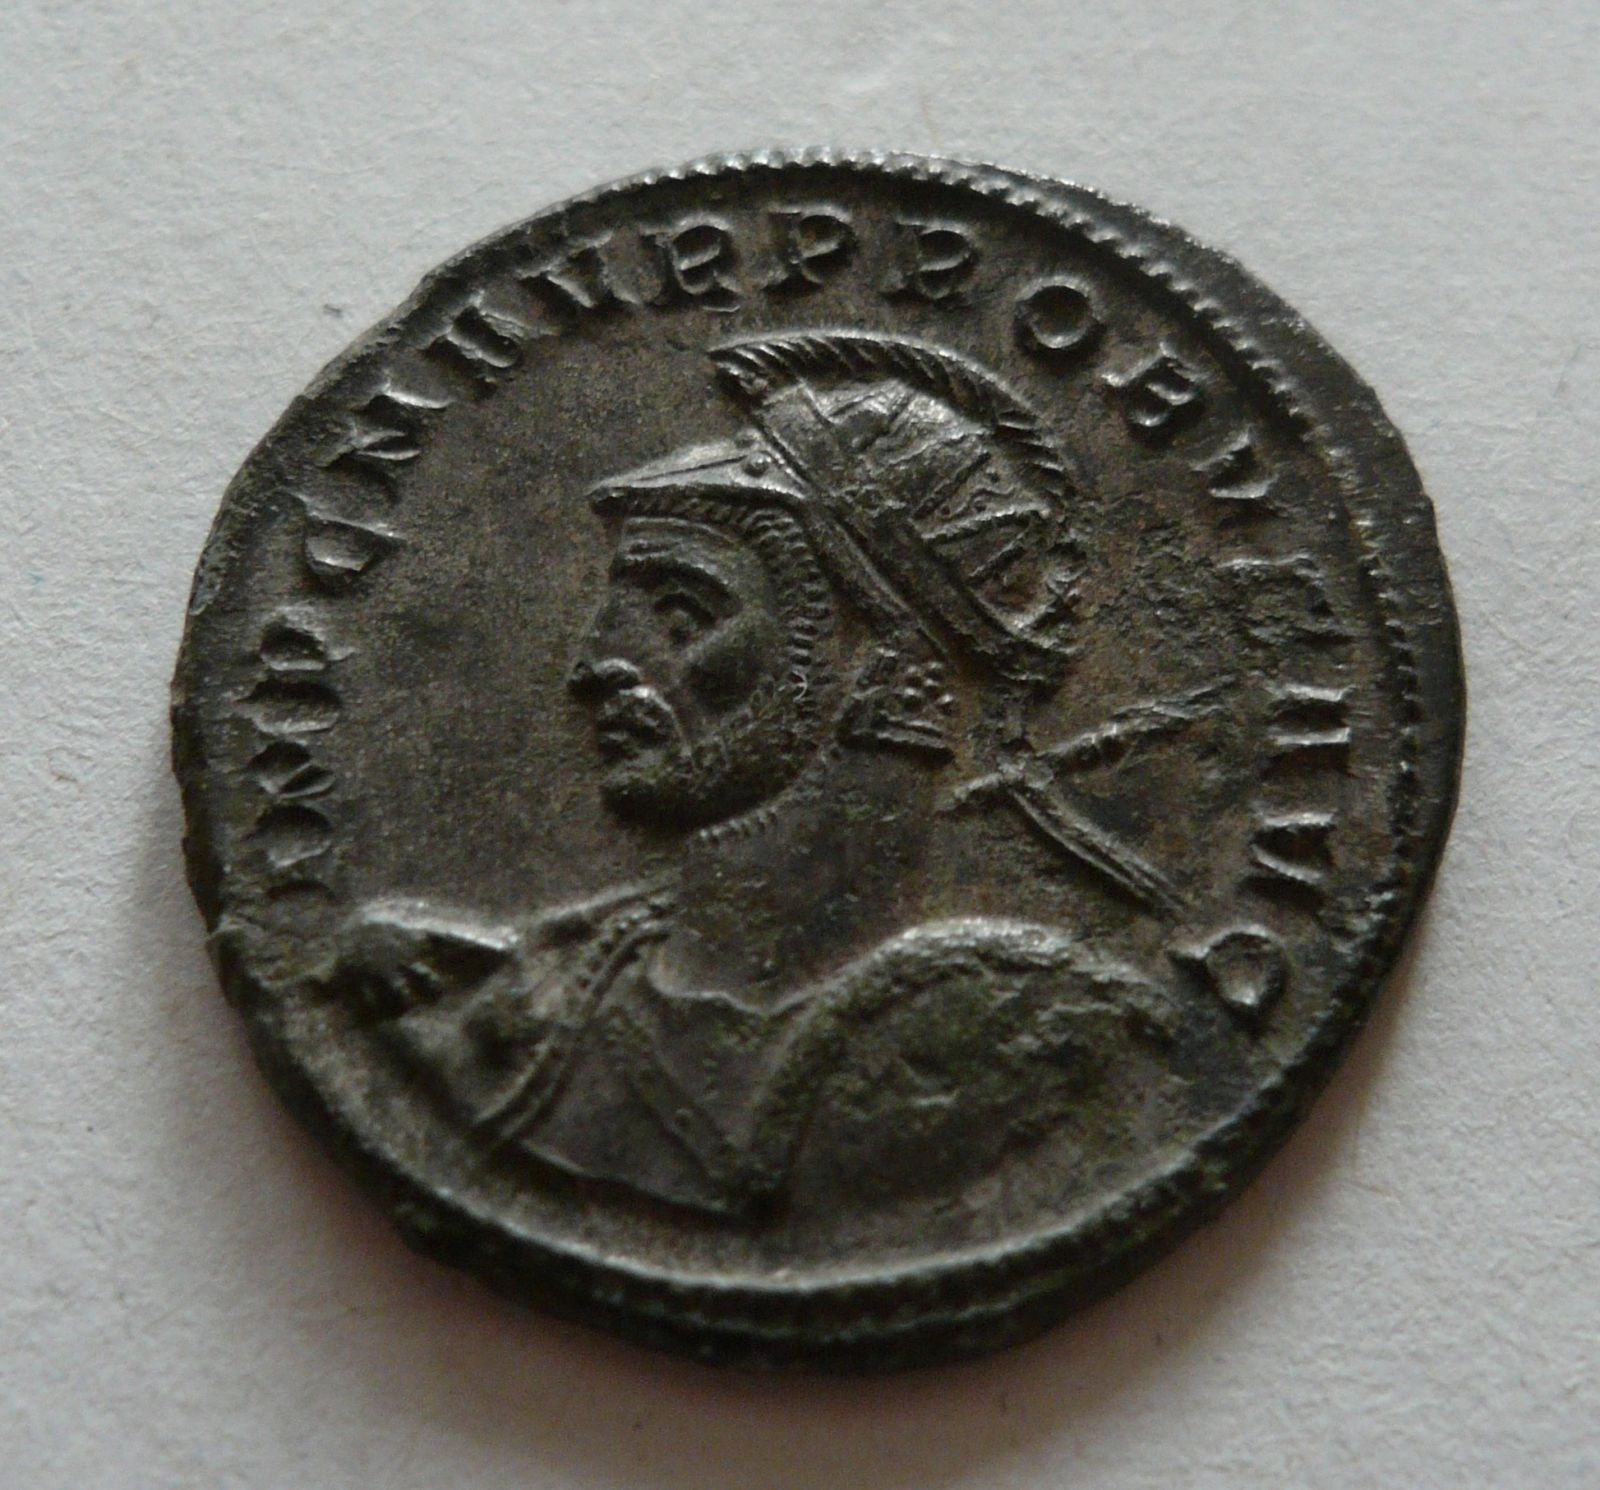 Antoninián, Probus, Řím-císařství, Soli Invicto, 276-80